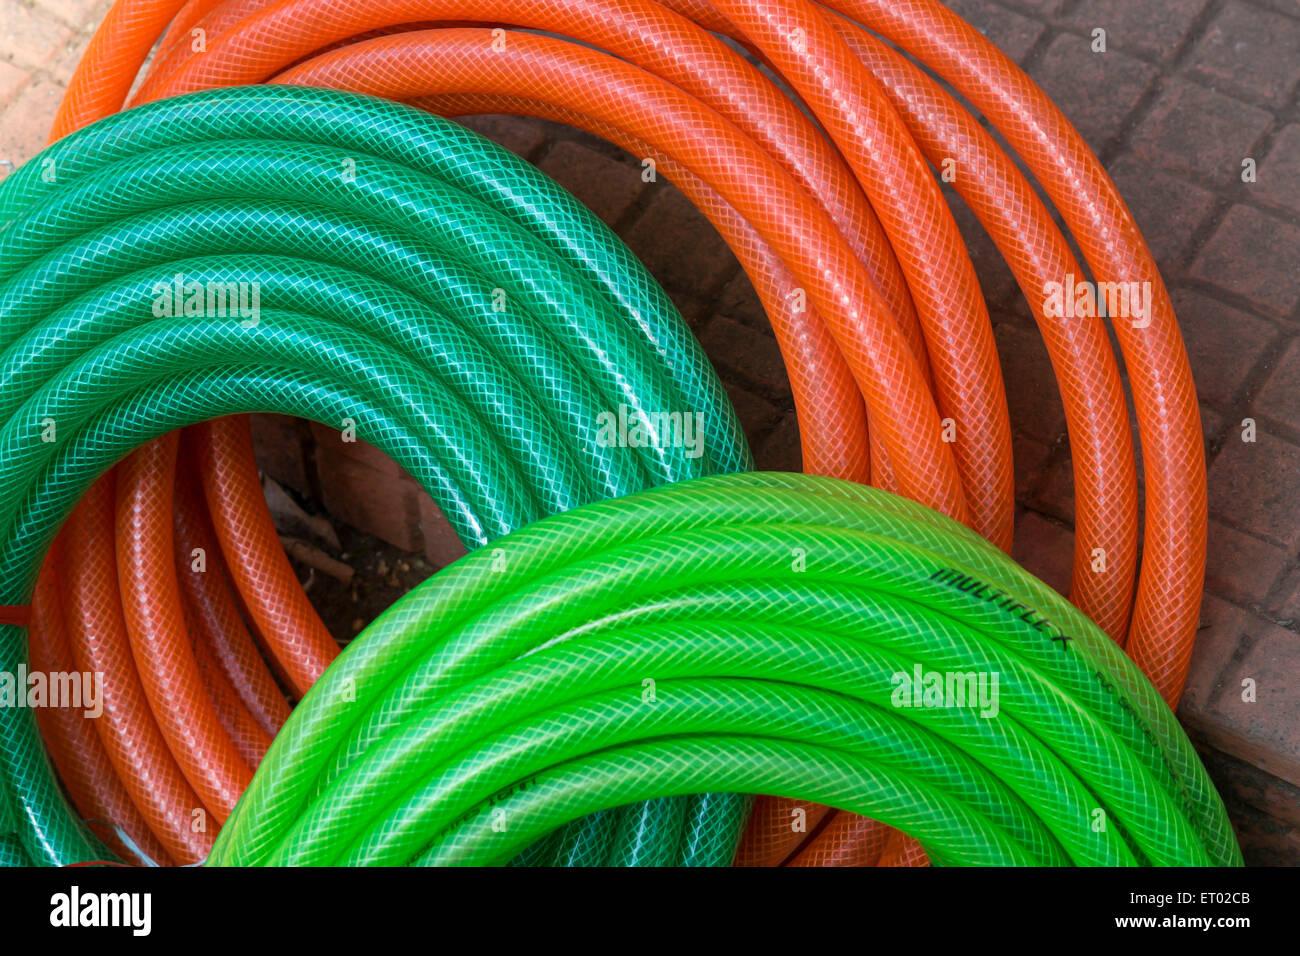 PVC Suction Hose India Asia - Stock Image